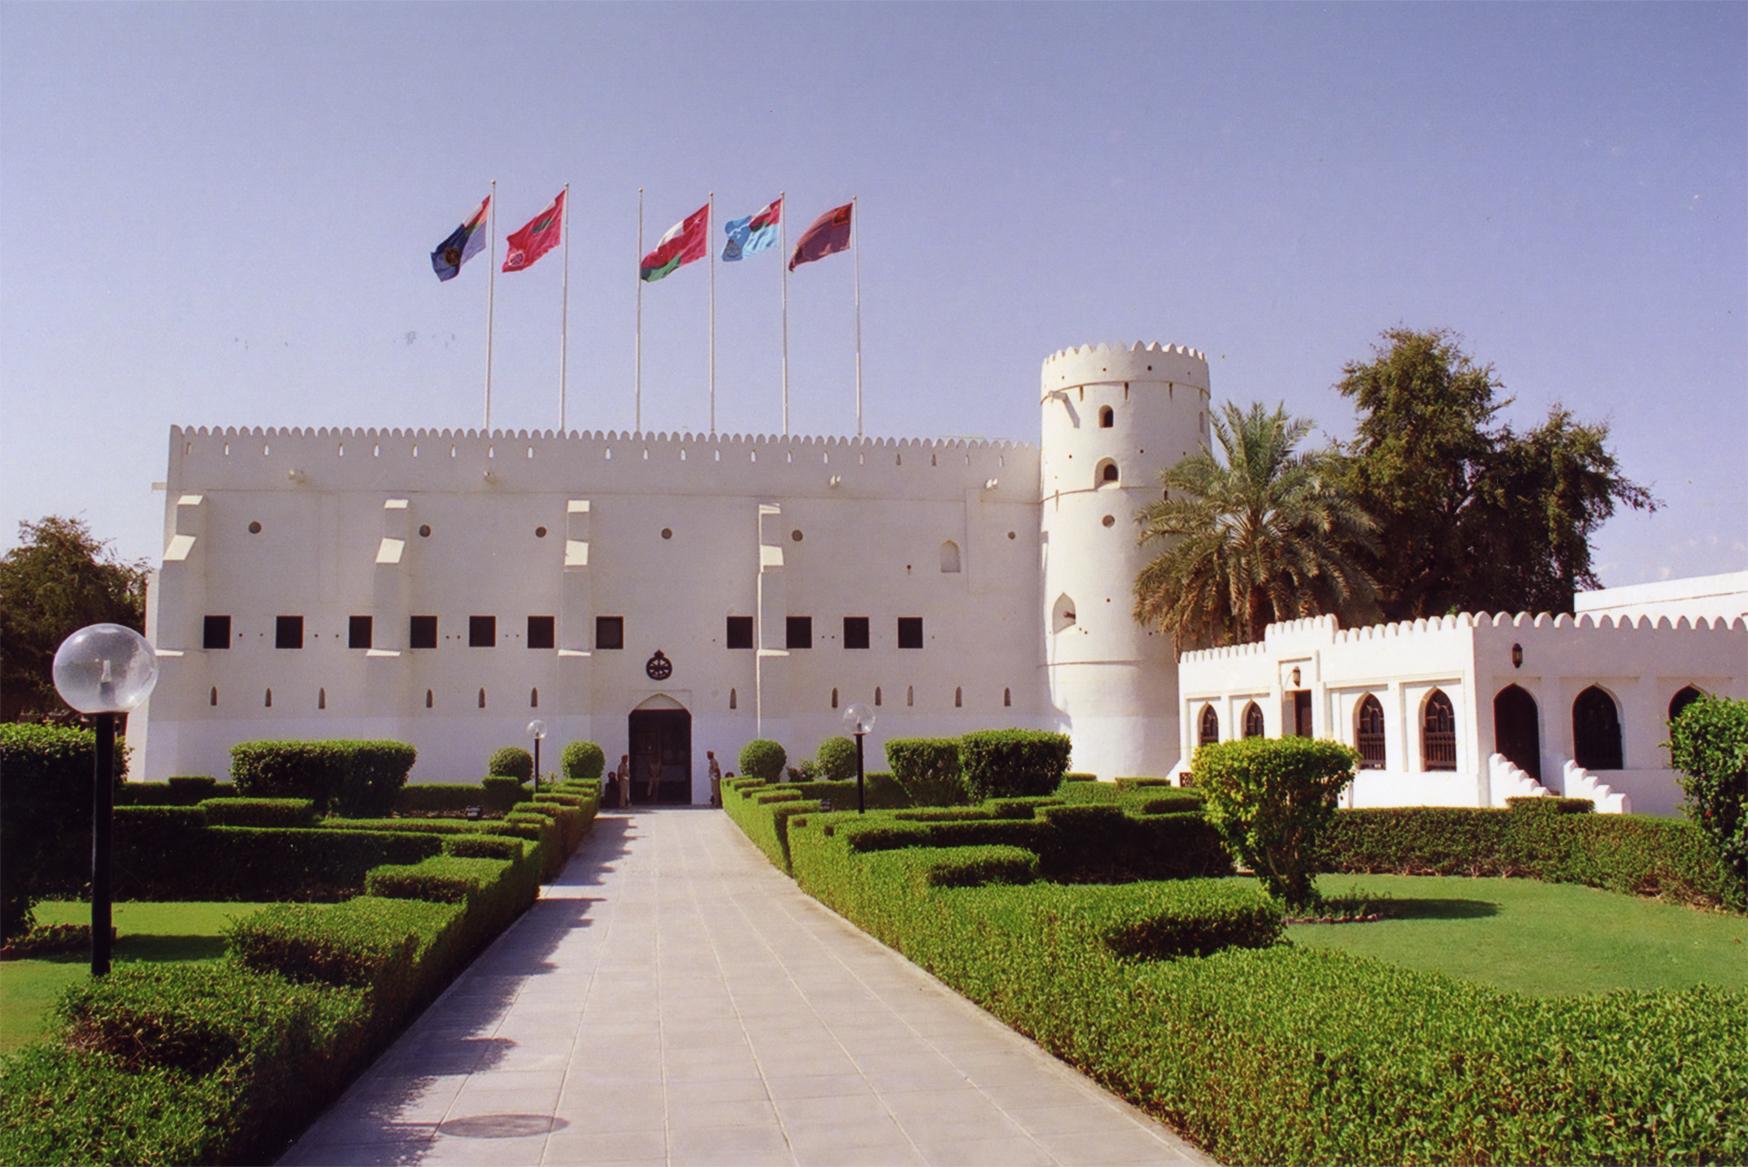 متحف قوات السلطان المسلحة يفتح أبوابه للمواطنين والمقيمين بمناسبة اليوم العالمي للمتاحف